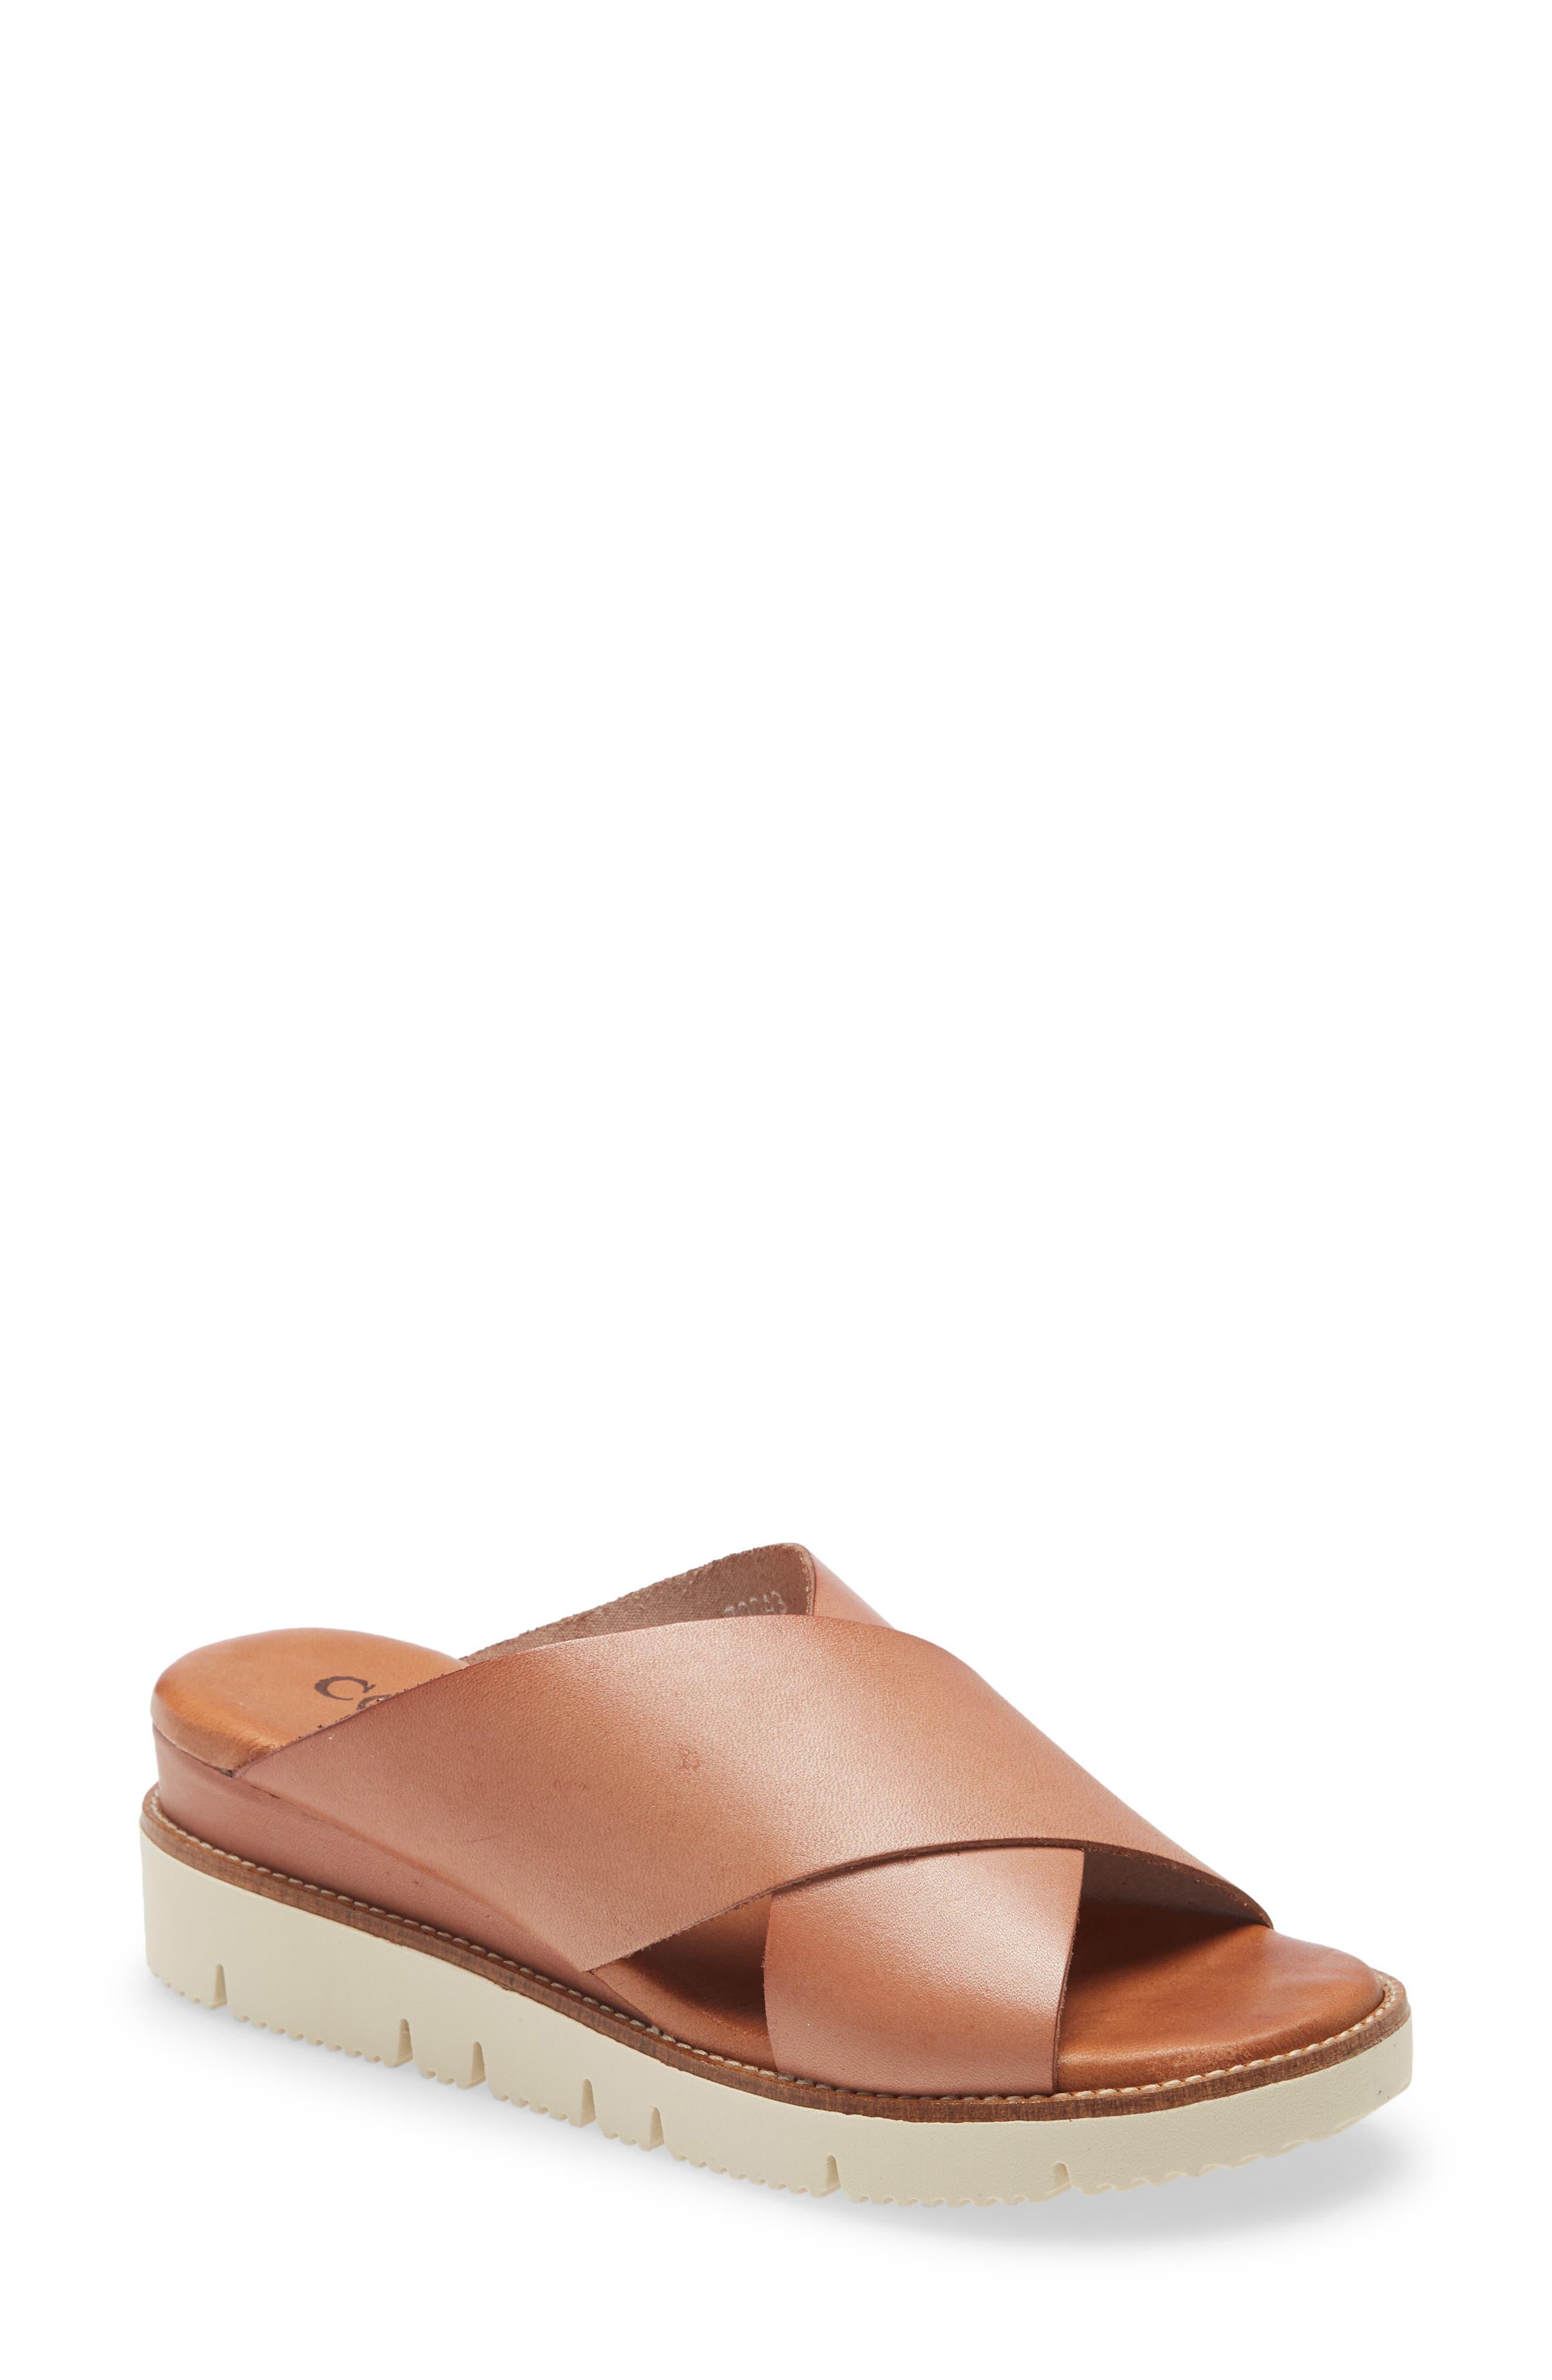 Spirit Wedge Slide Sandal